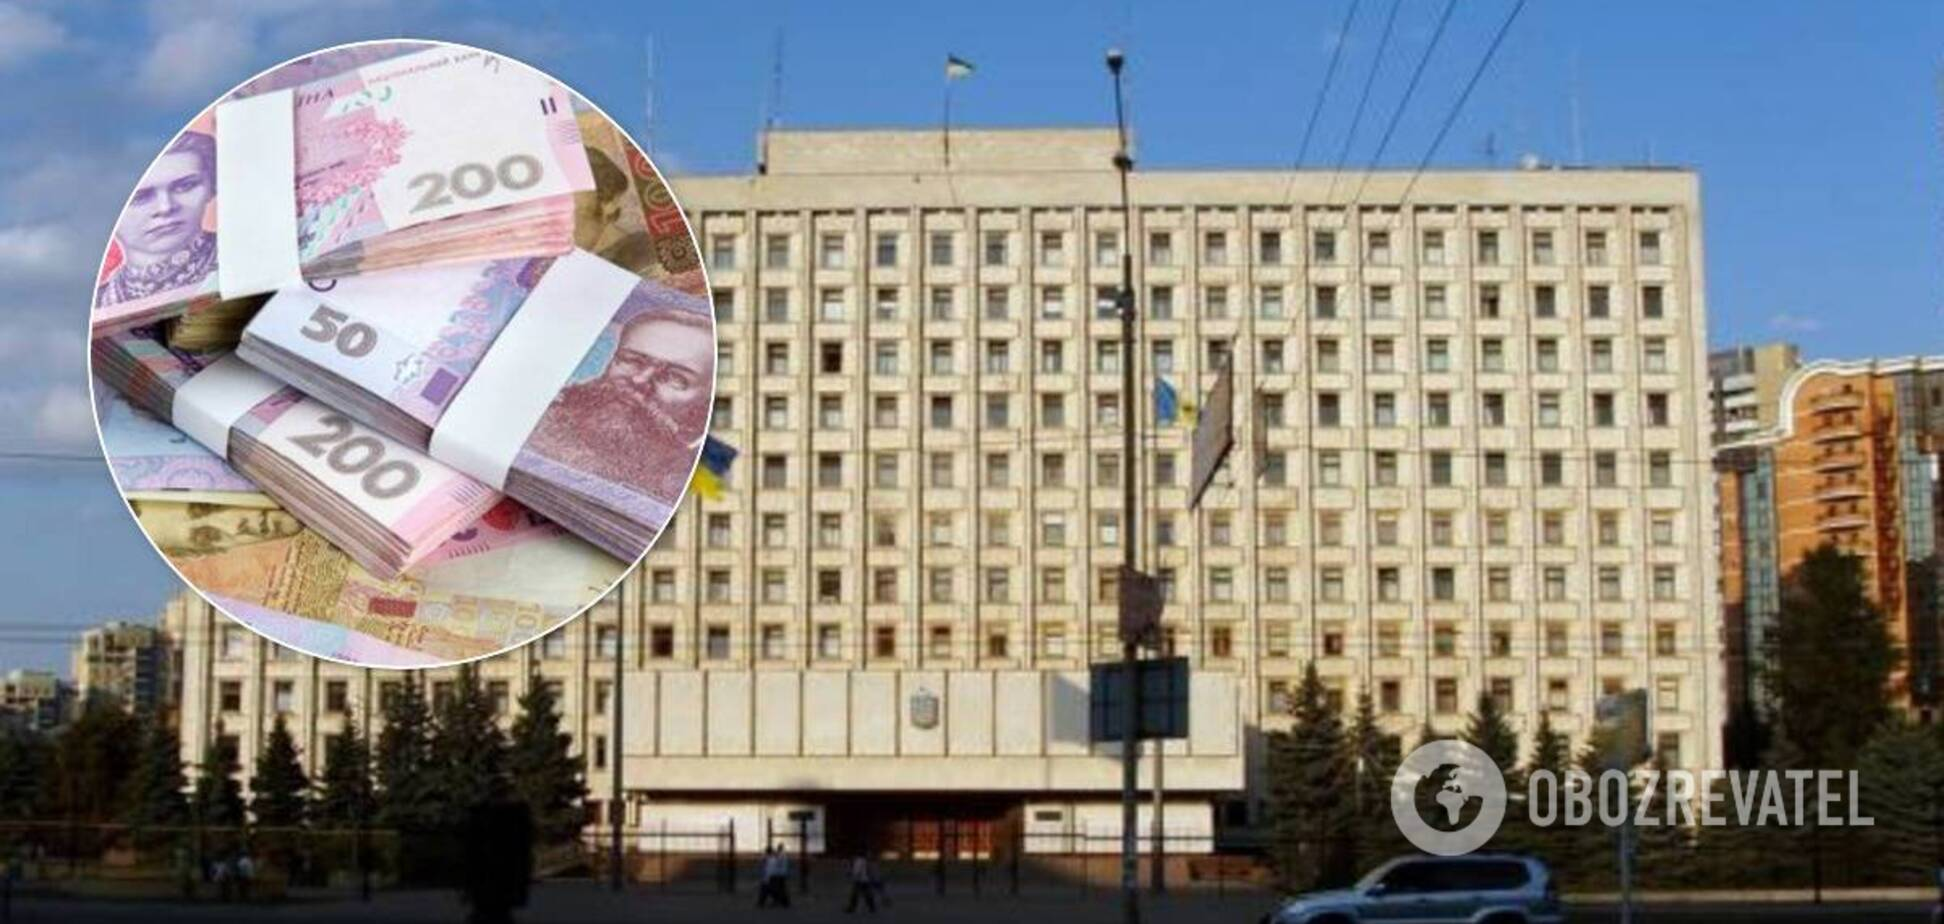 Експосадовців Київської ОДА підозрюють у збитках у 132 млн грн. Ілюстрація